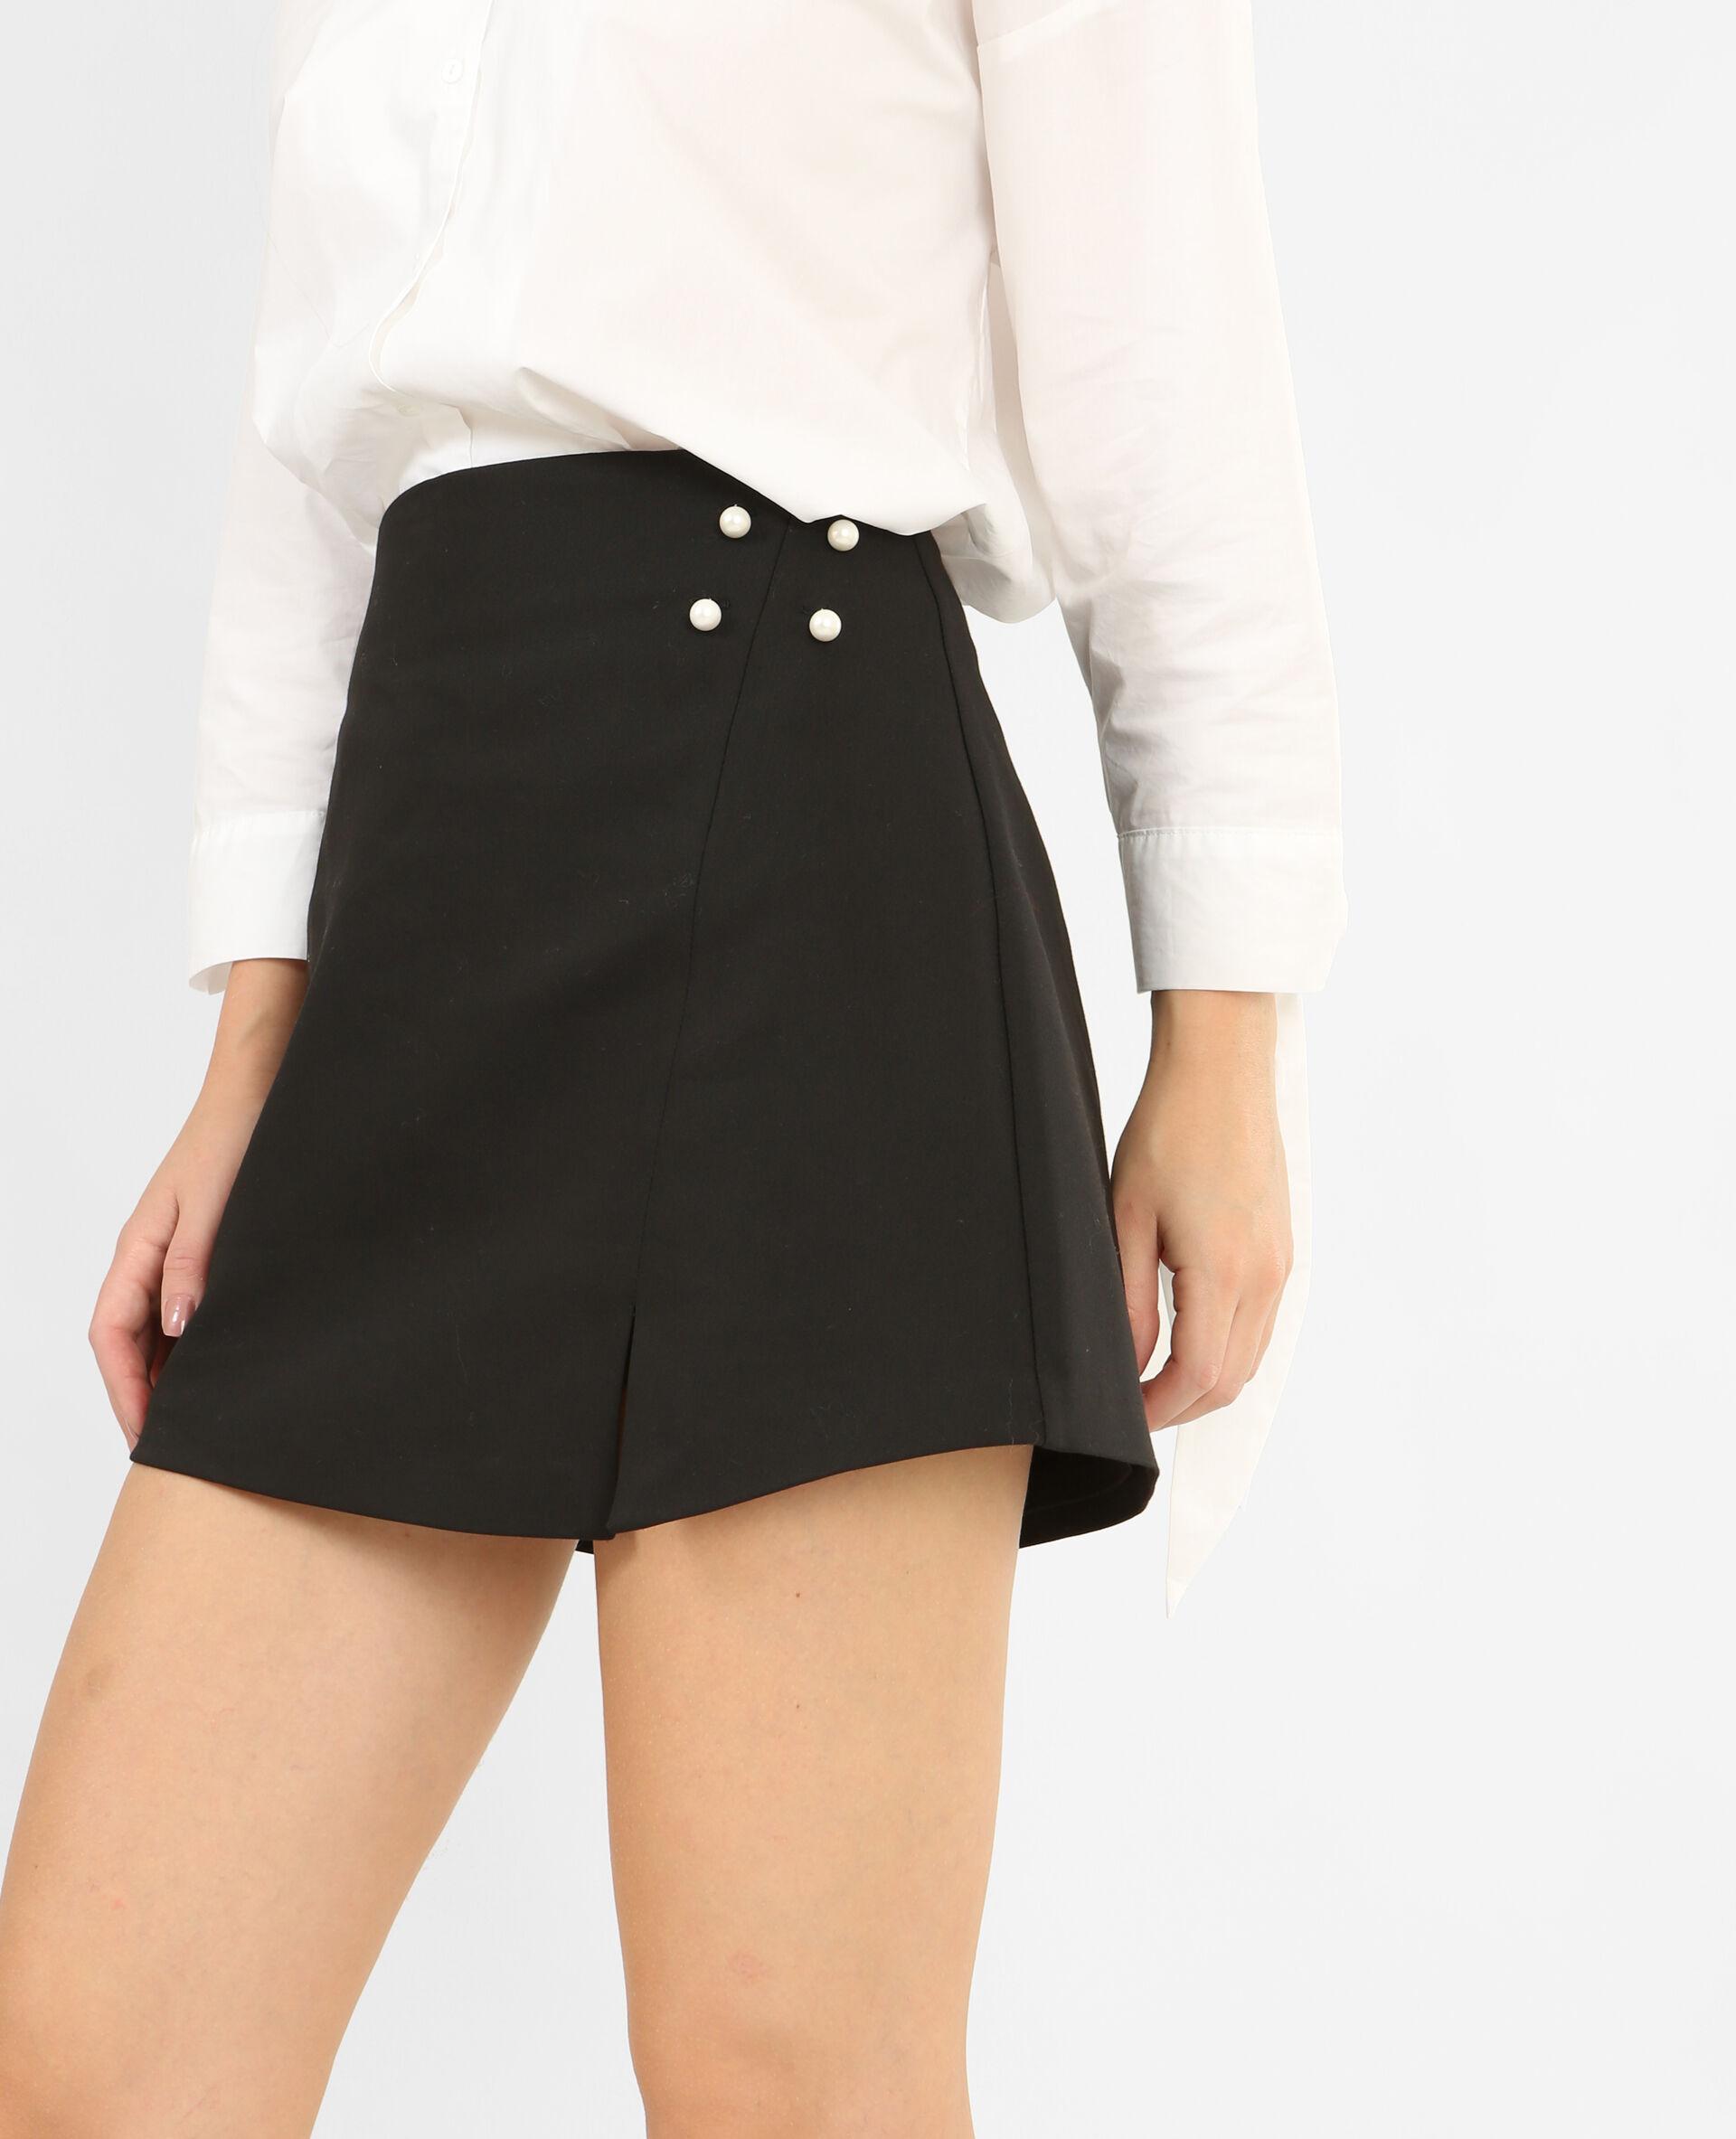 ✅Jupe short à perles Femme - Couleur noir - Taille 38 - PIMKIE - MODE FEMME